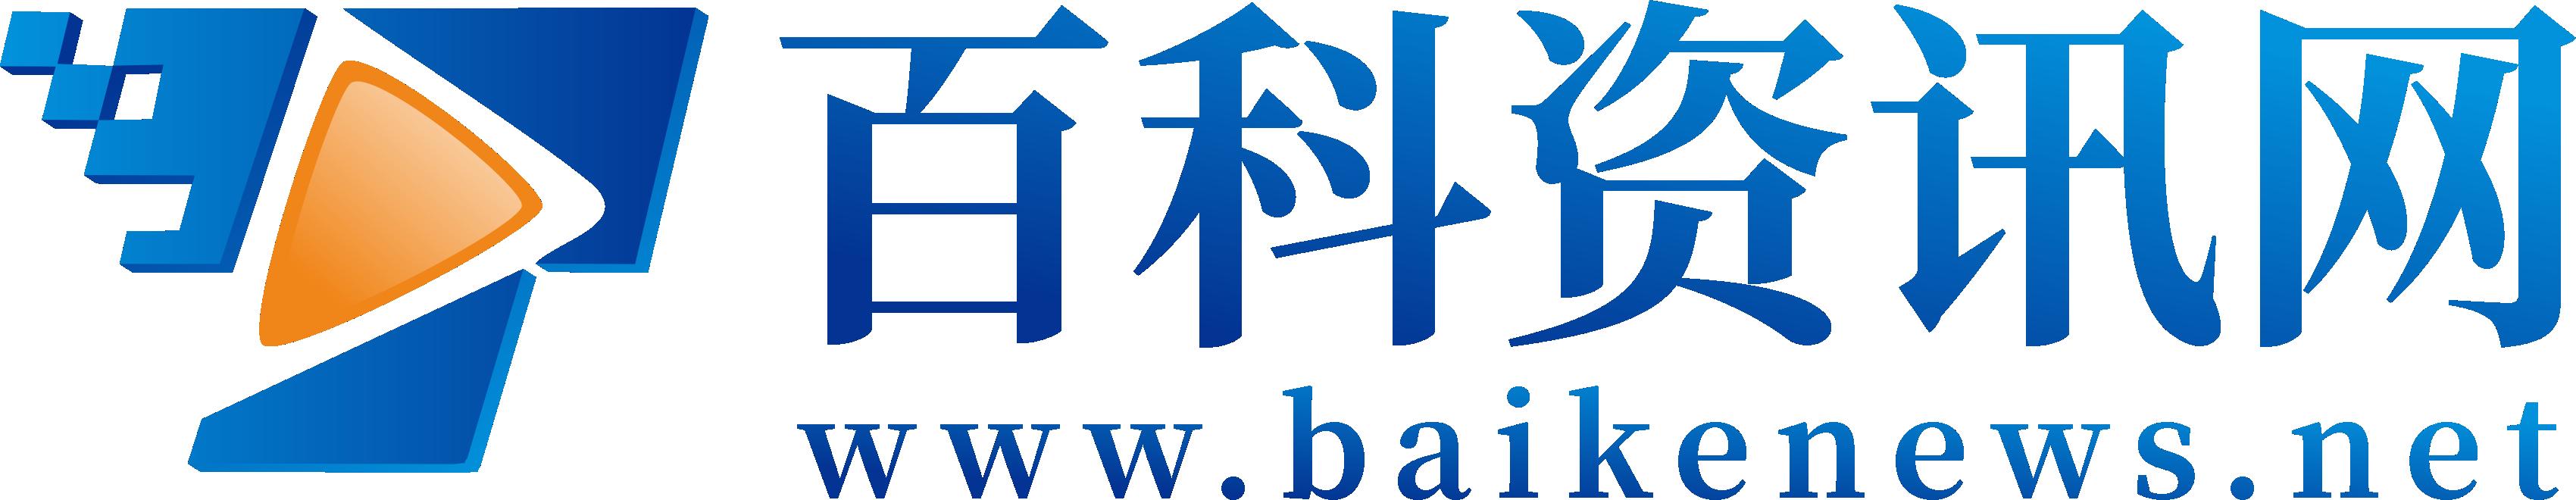 百科资讯网